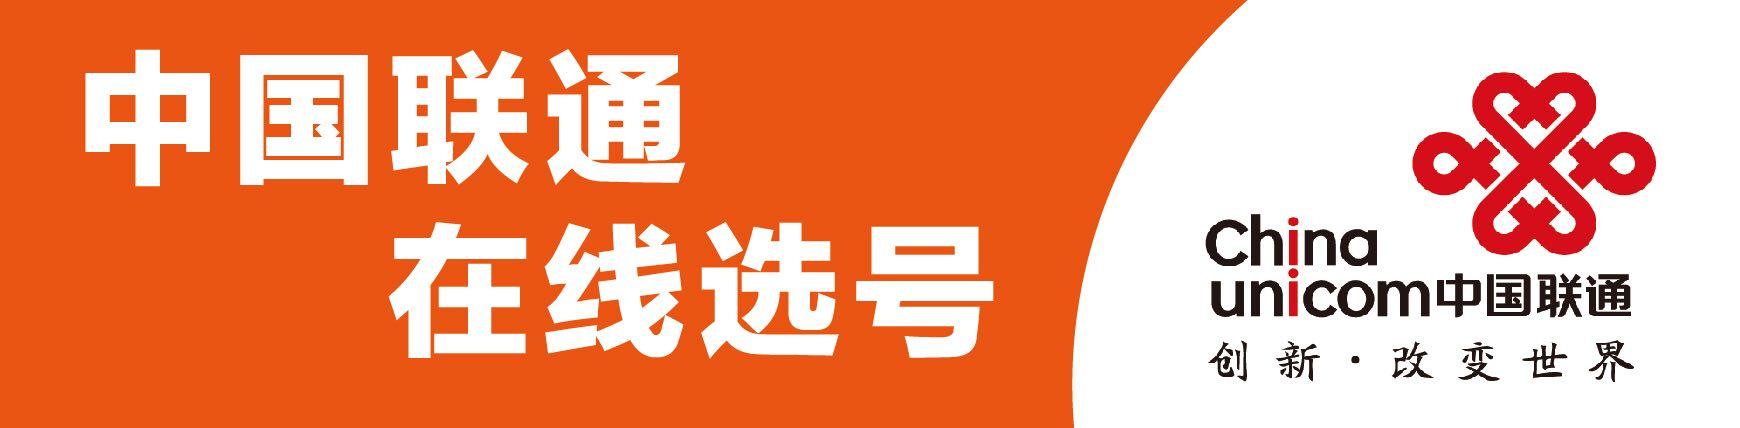 杏彩平台登录地址最新流量年卡